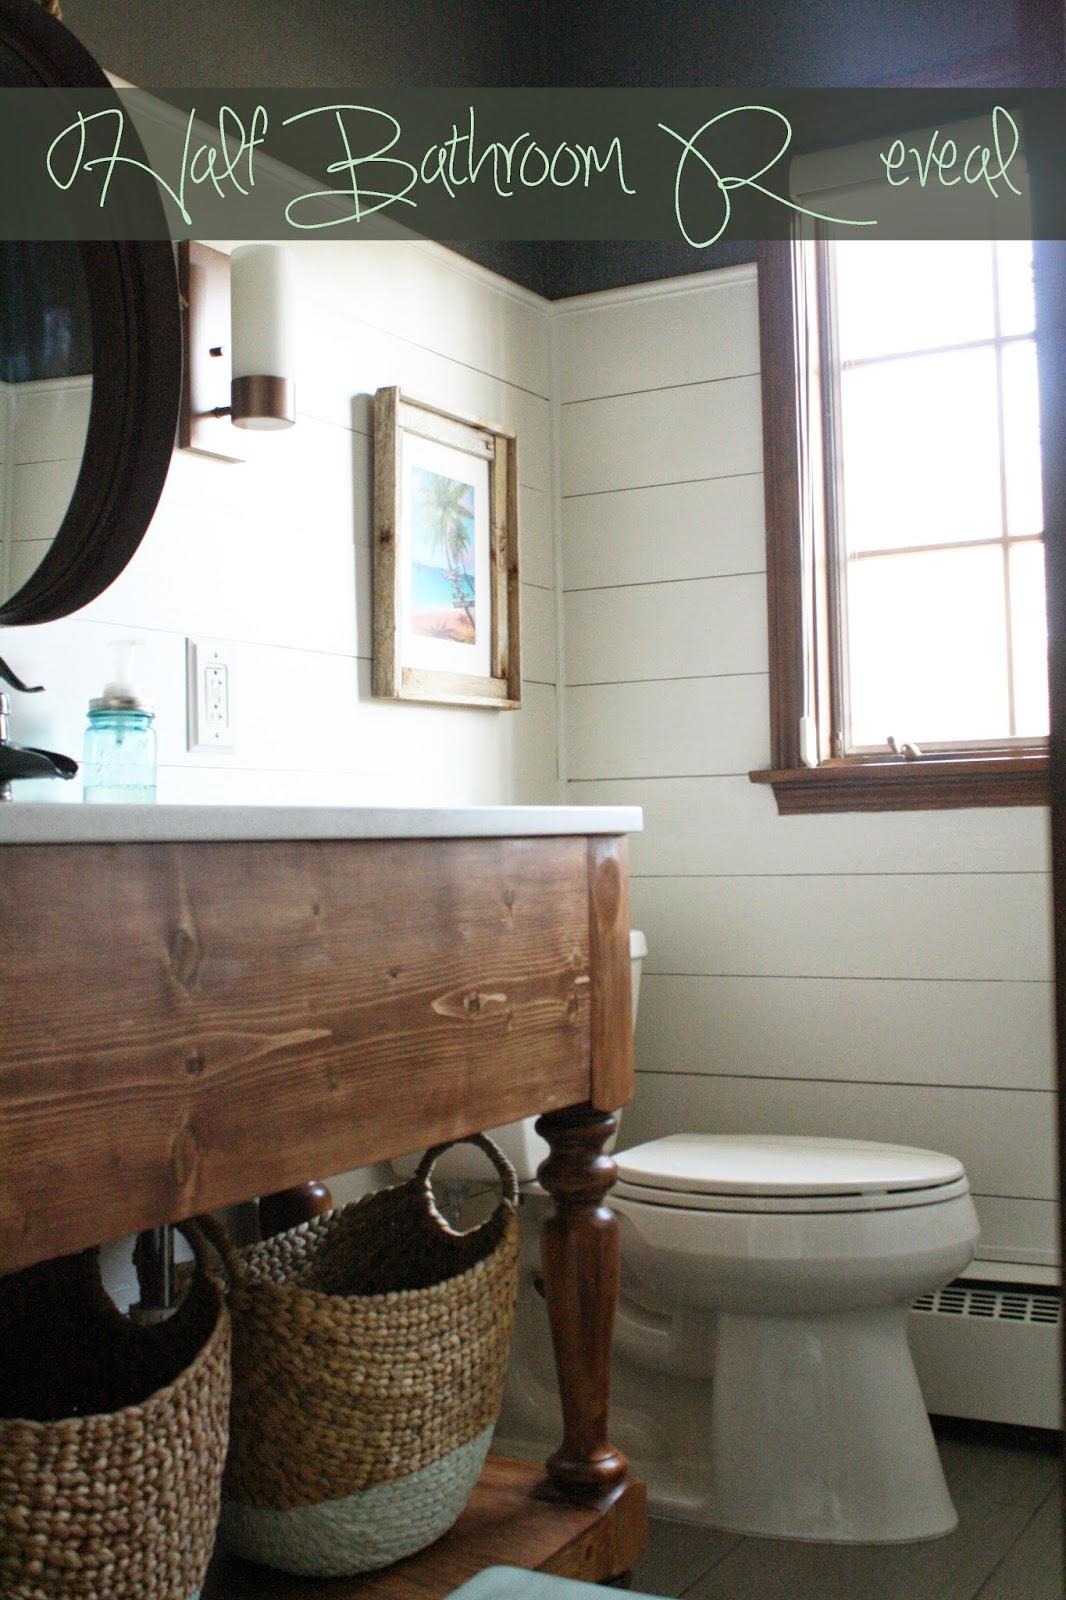 Im Always Nesting HalfBathroom Reveal - Kendall bathroom vanities